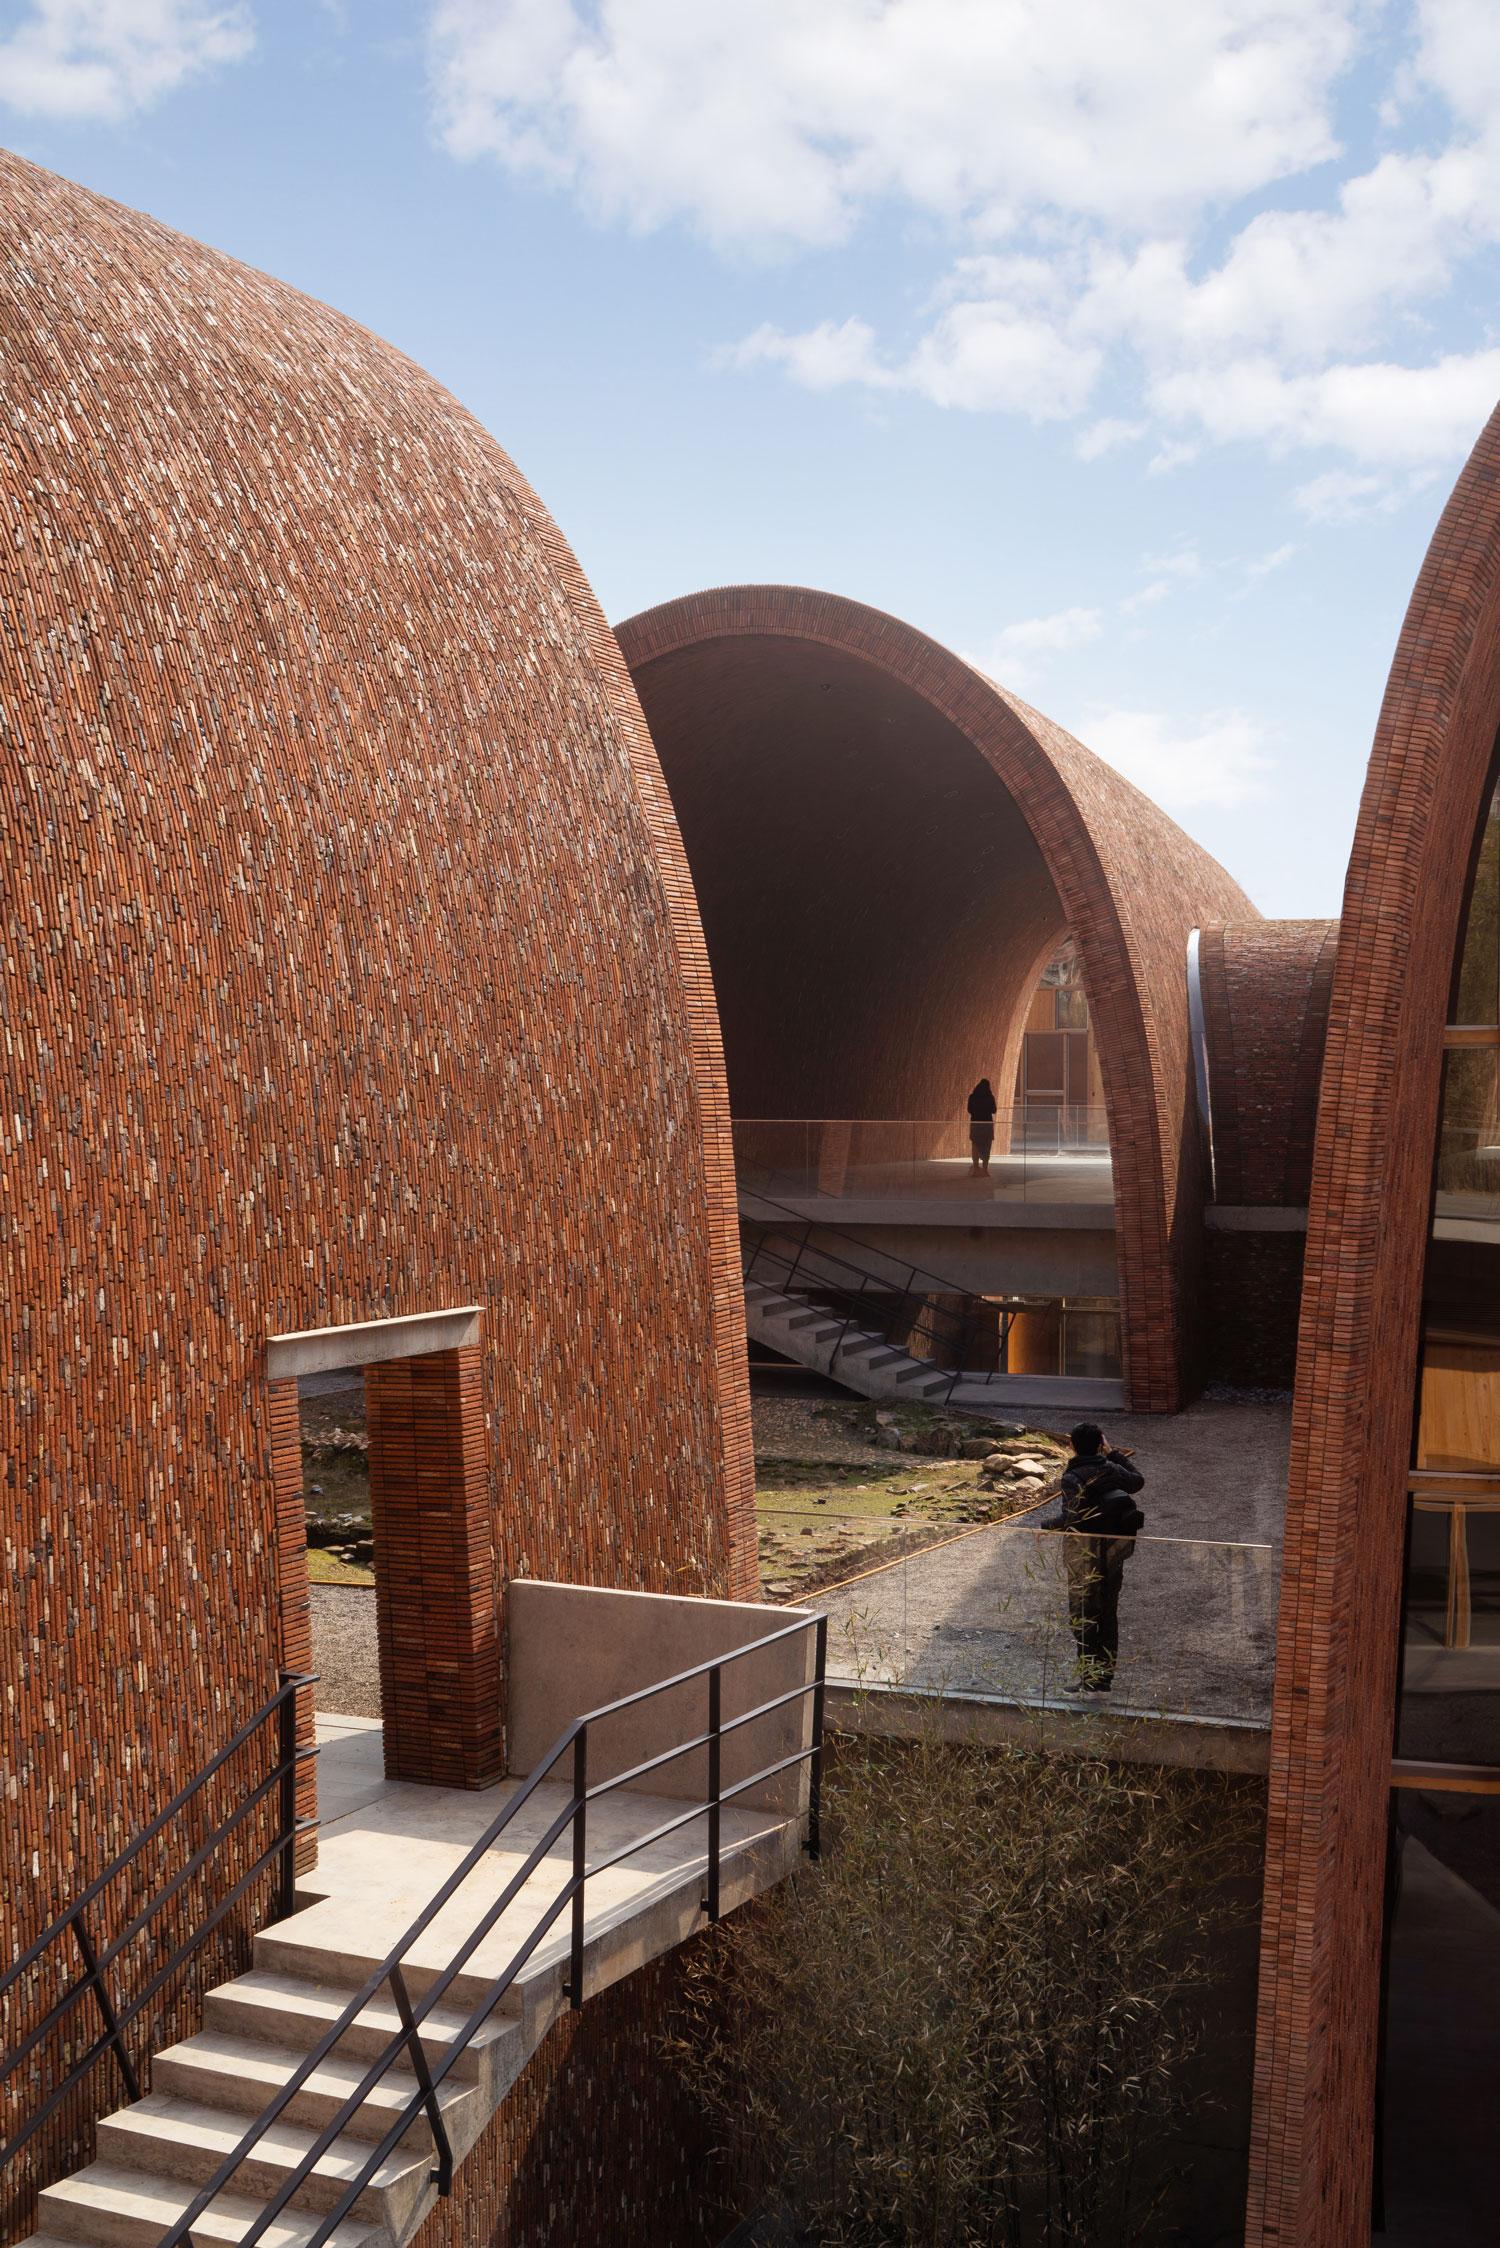 Jingdezhen Imperial Kiln Museum in Jingdezhen Shi, China by Studio Zhu-Pei.